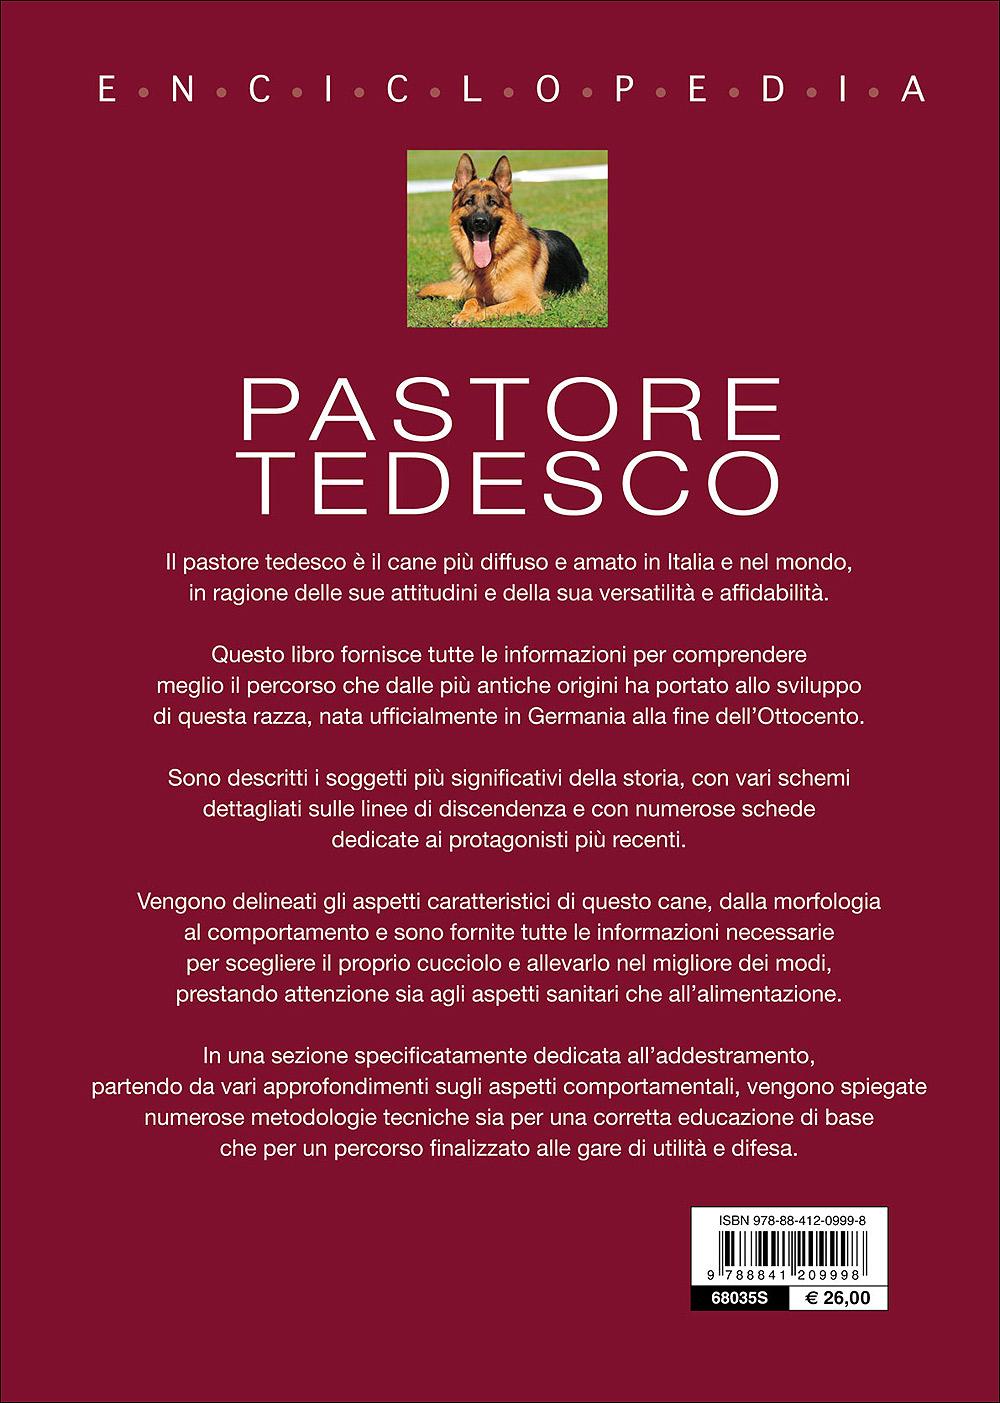 Pastore Tedesco. Enciclopedia